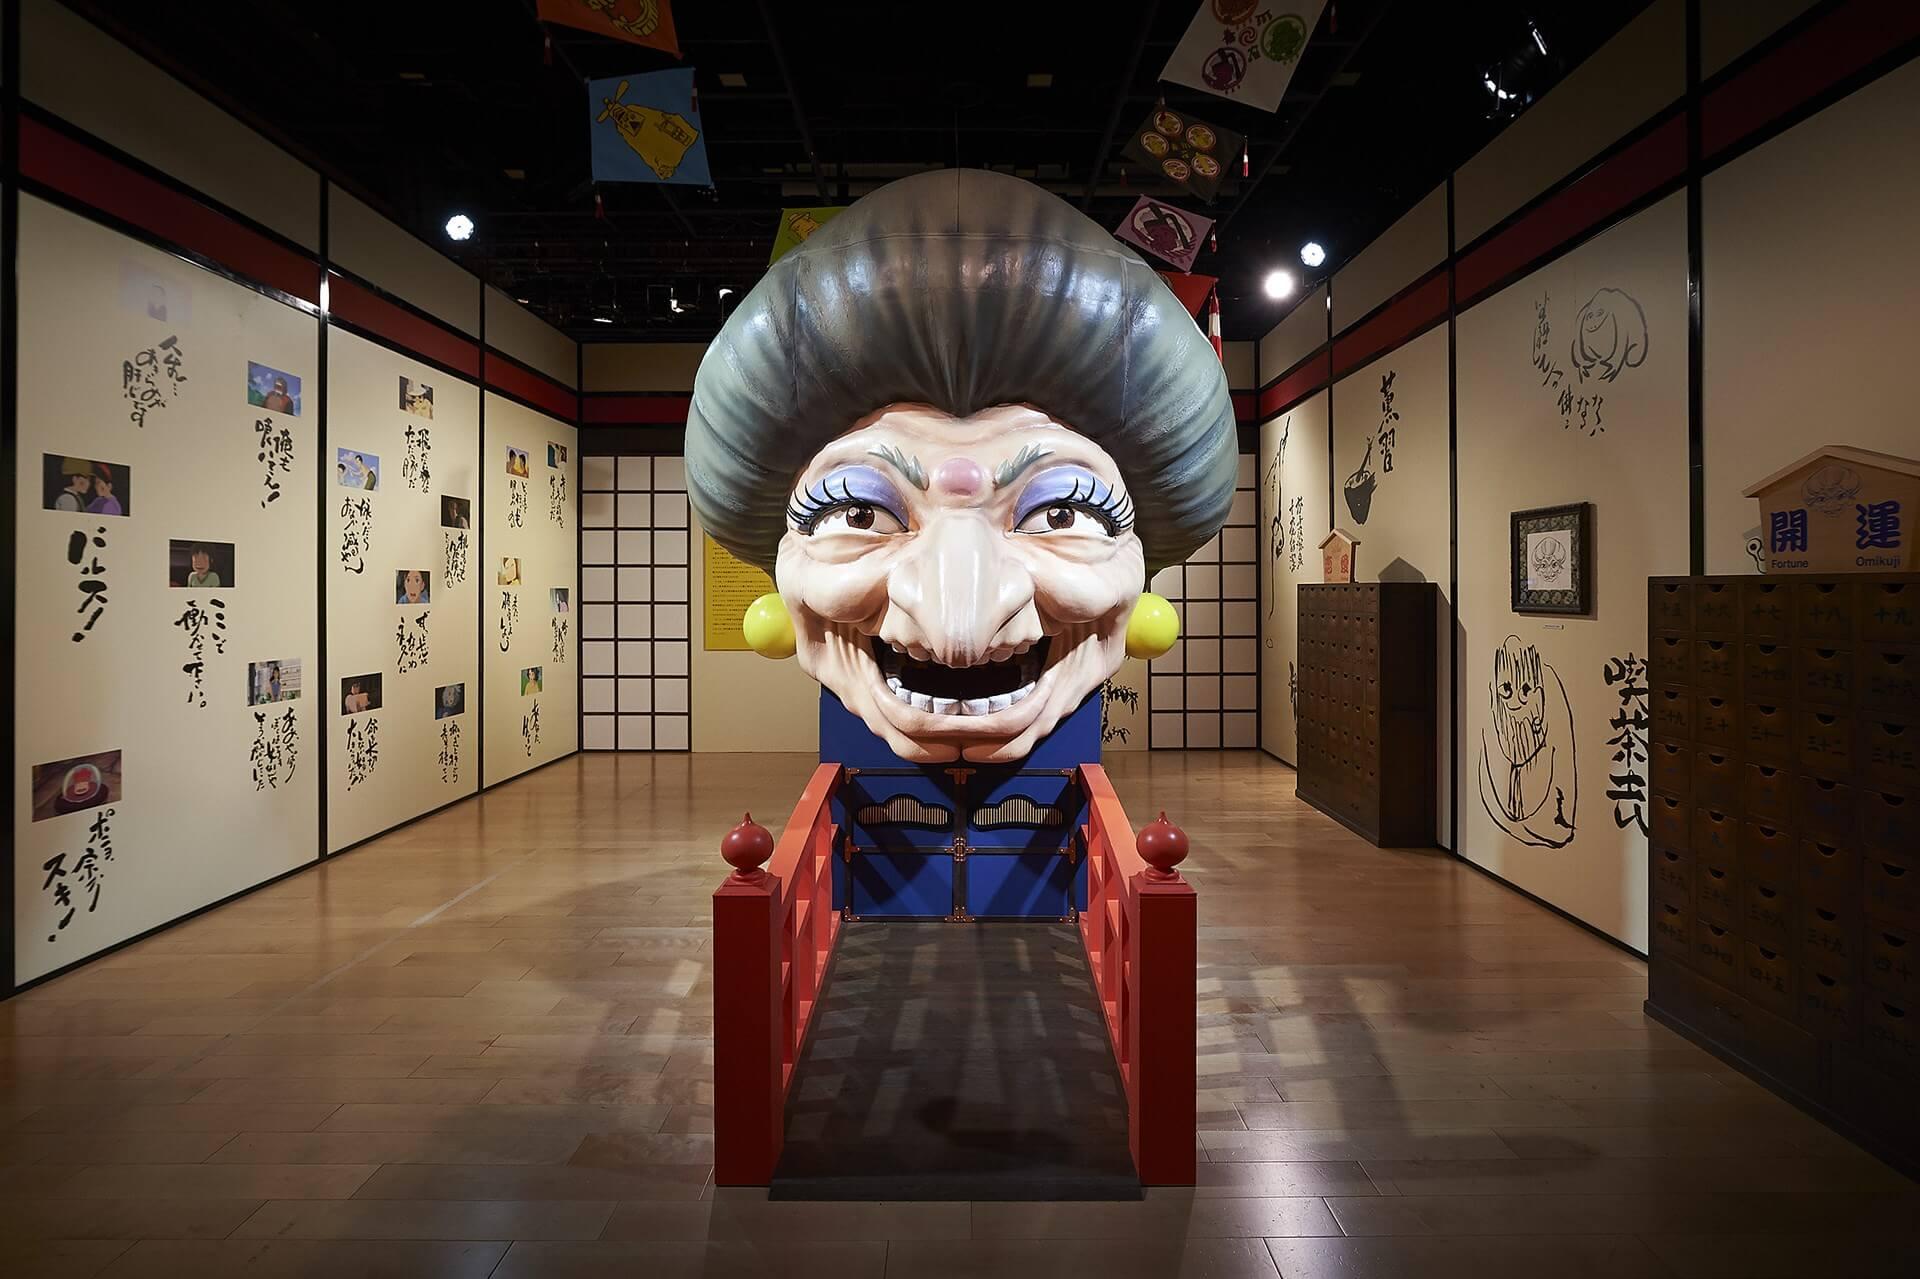 鈴木敏夫とジブリ展 Toshio Suzuki & Studio Ghibli Exhibition